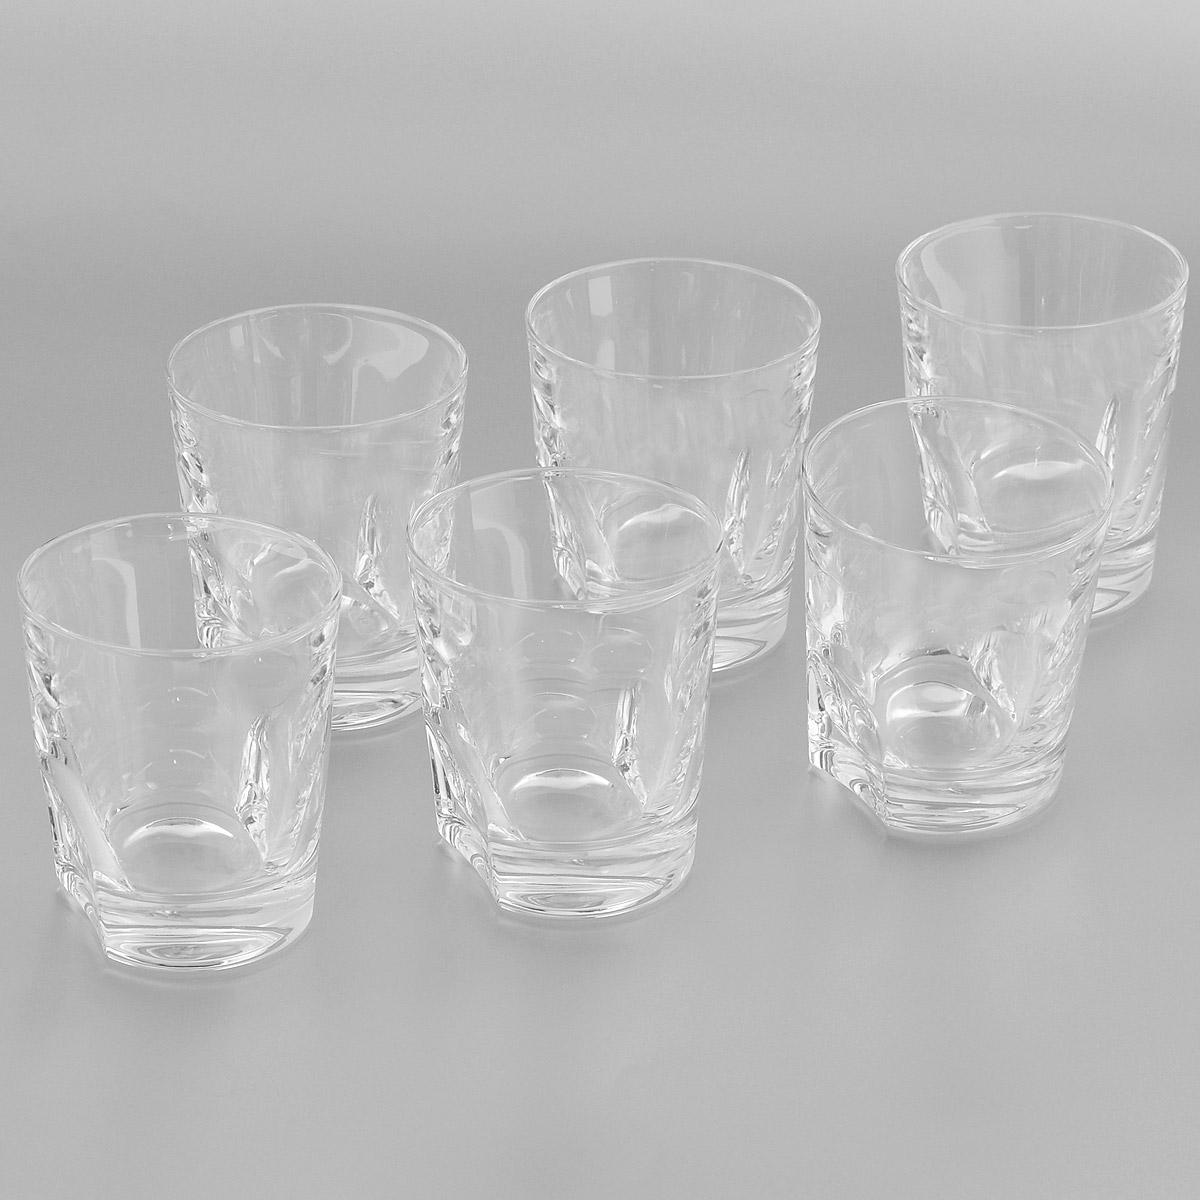 Набор стаканов Crystal Bohemia, 300 мл, 6 штVT-1520(SR)Набор Crystal Bohemia состоит из шести стаканов. Изделия выполнены из прочного высококачественного хрусталя. Они излучают приятный блеск и издают мелодичный звон. Набор предназначен для подачи виски, бренди или коктейлей. Набор Crystal Bohemia прекрасно оформит интерьер кабинета или гостиной и станет отличным дополнением бара. Такой набор также станет хорошим подарком к любому случаю. Диаметр по верхнему краю: 8 см.Высота стакана: 9 см.Размер основания: 6,8 см х 5 см.